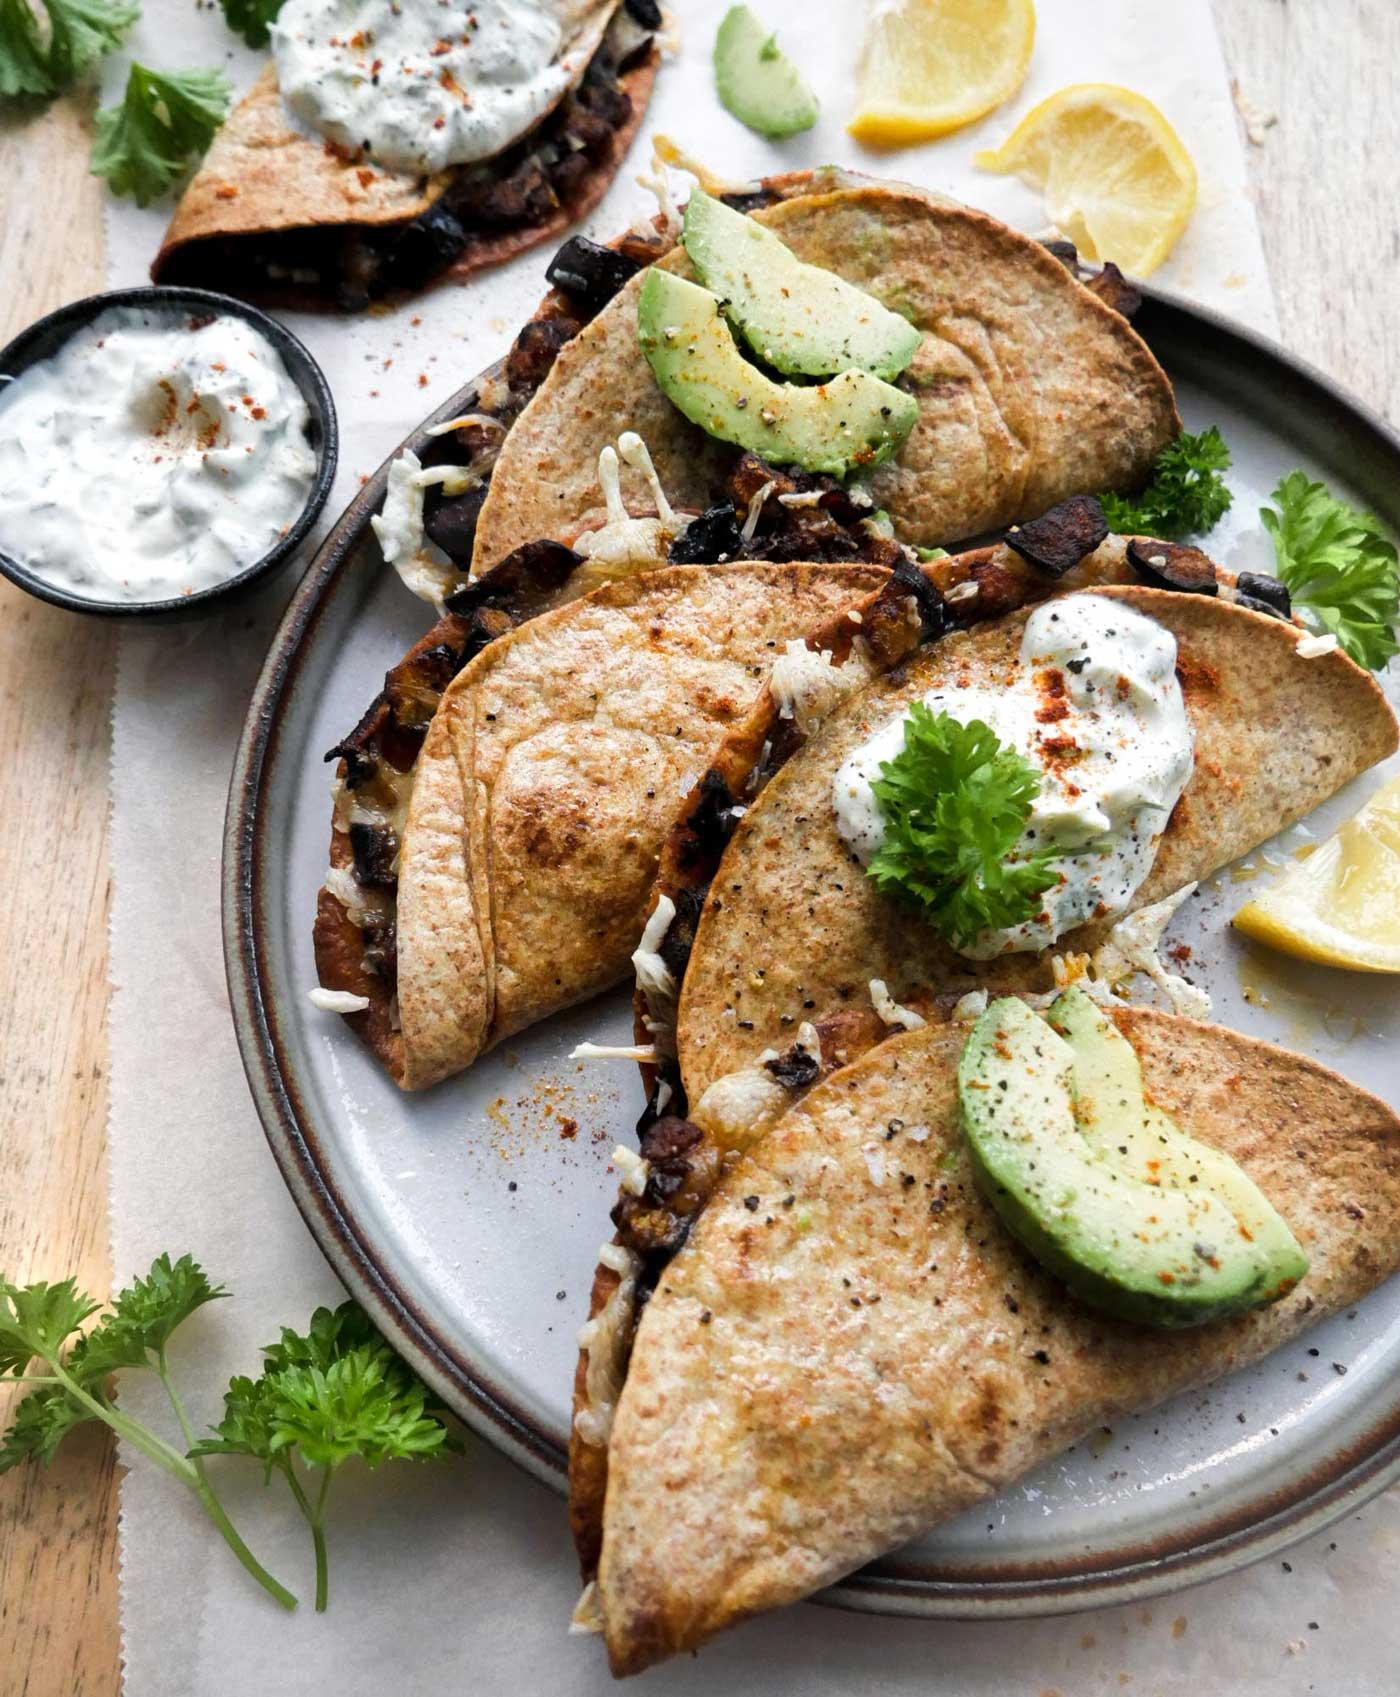 bagte quesadillas med grøntsager vegetar eller vegansk aftensmad